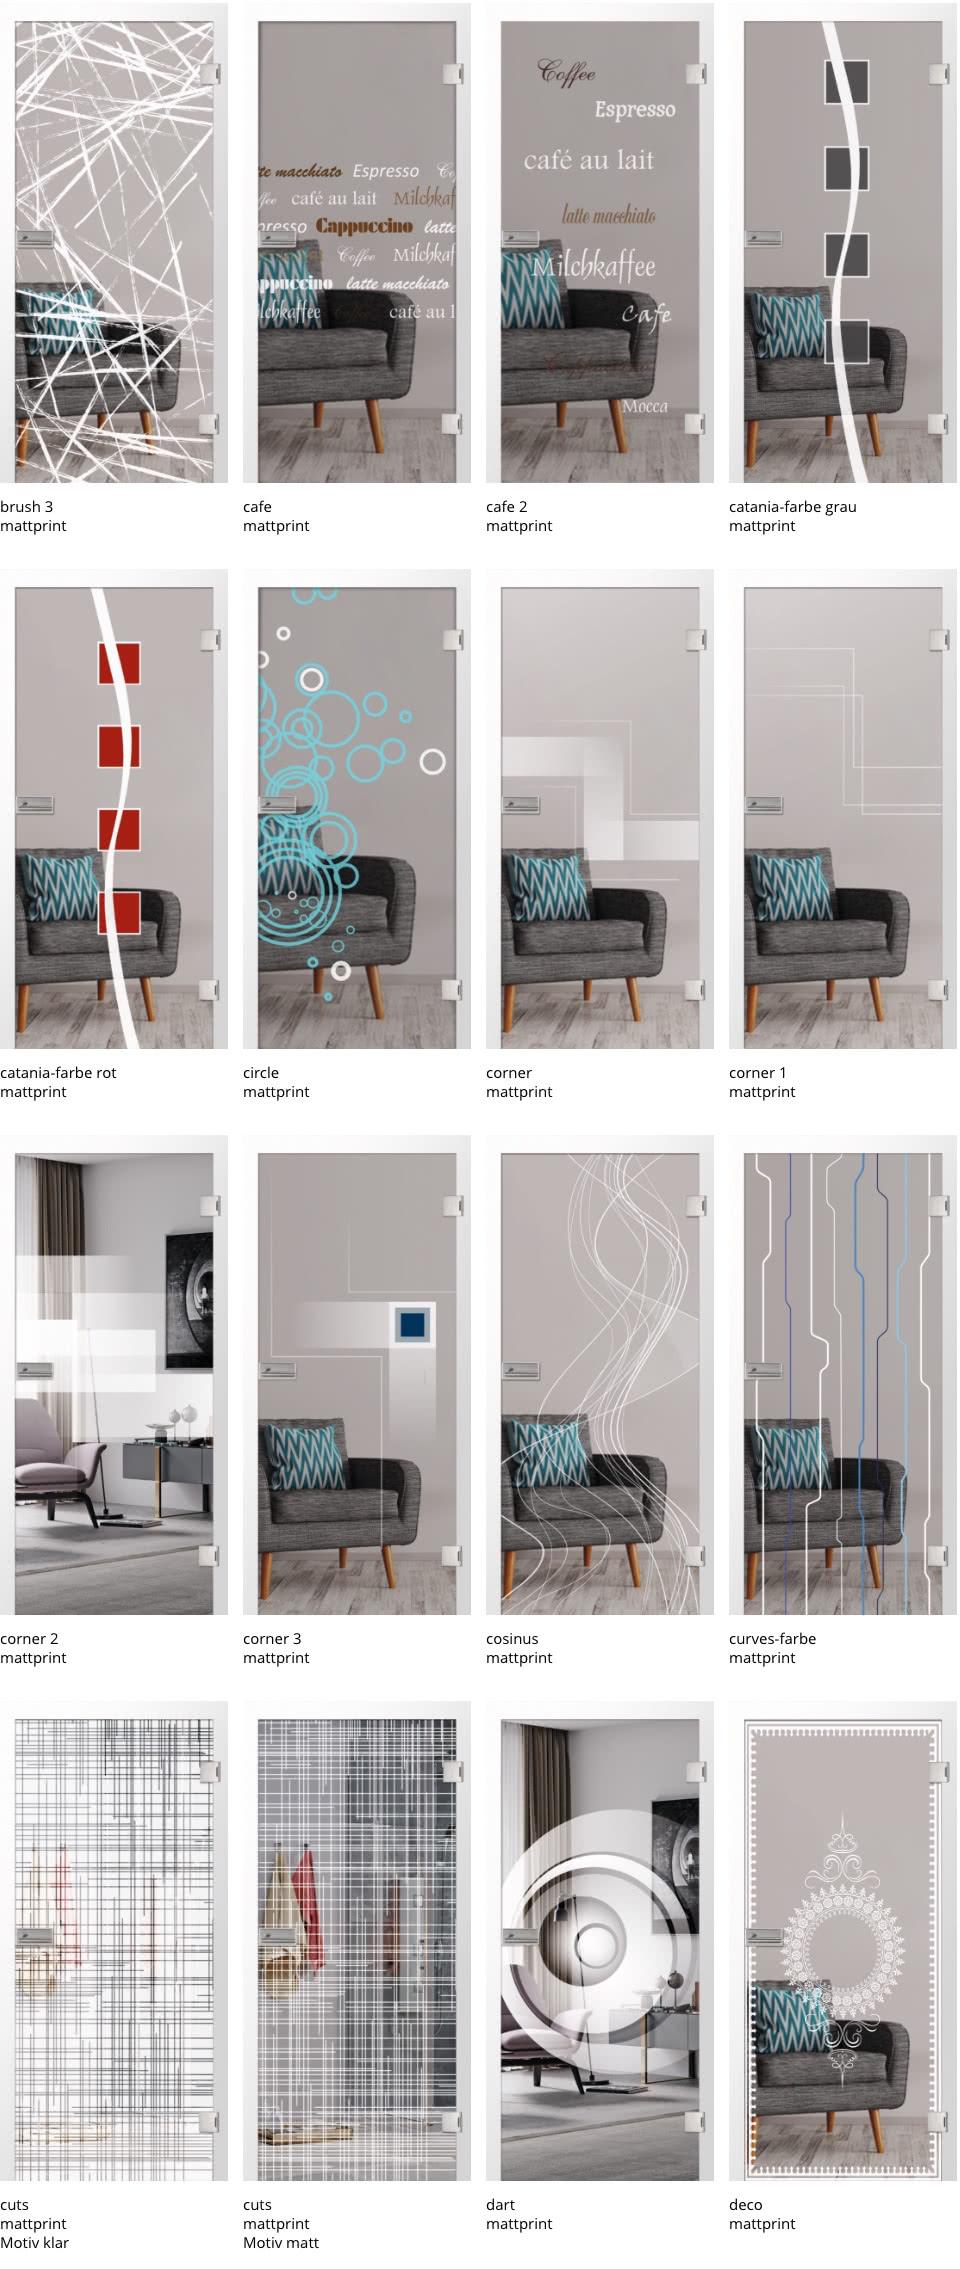 Glastüren Motive im keramischer Digitaldruck